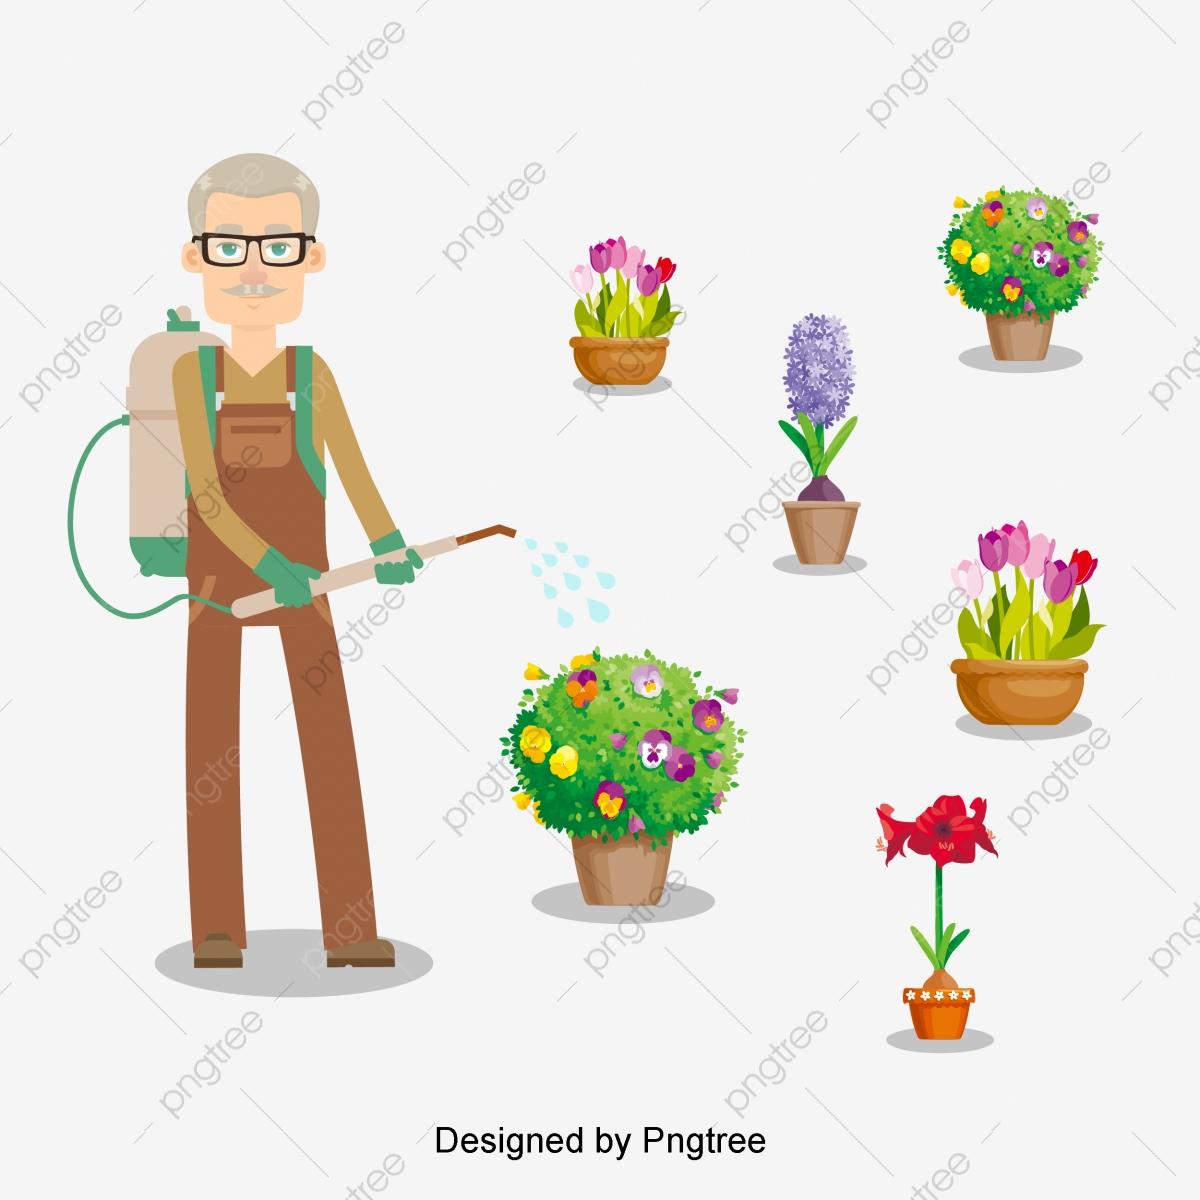 Jardinero De Dibujos Animados Diseño Pintado A Mano Cartoon Simple